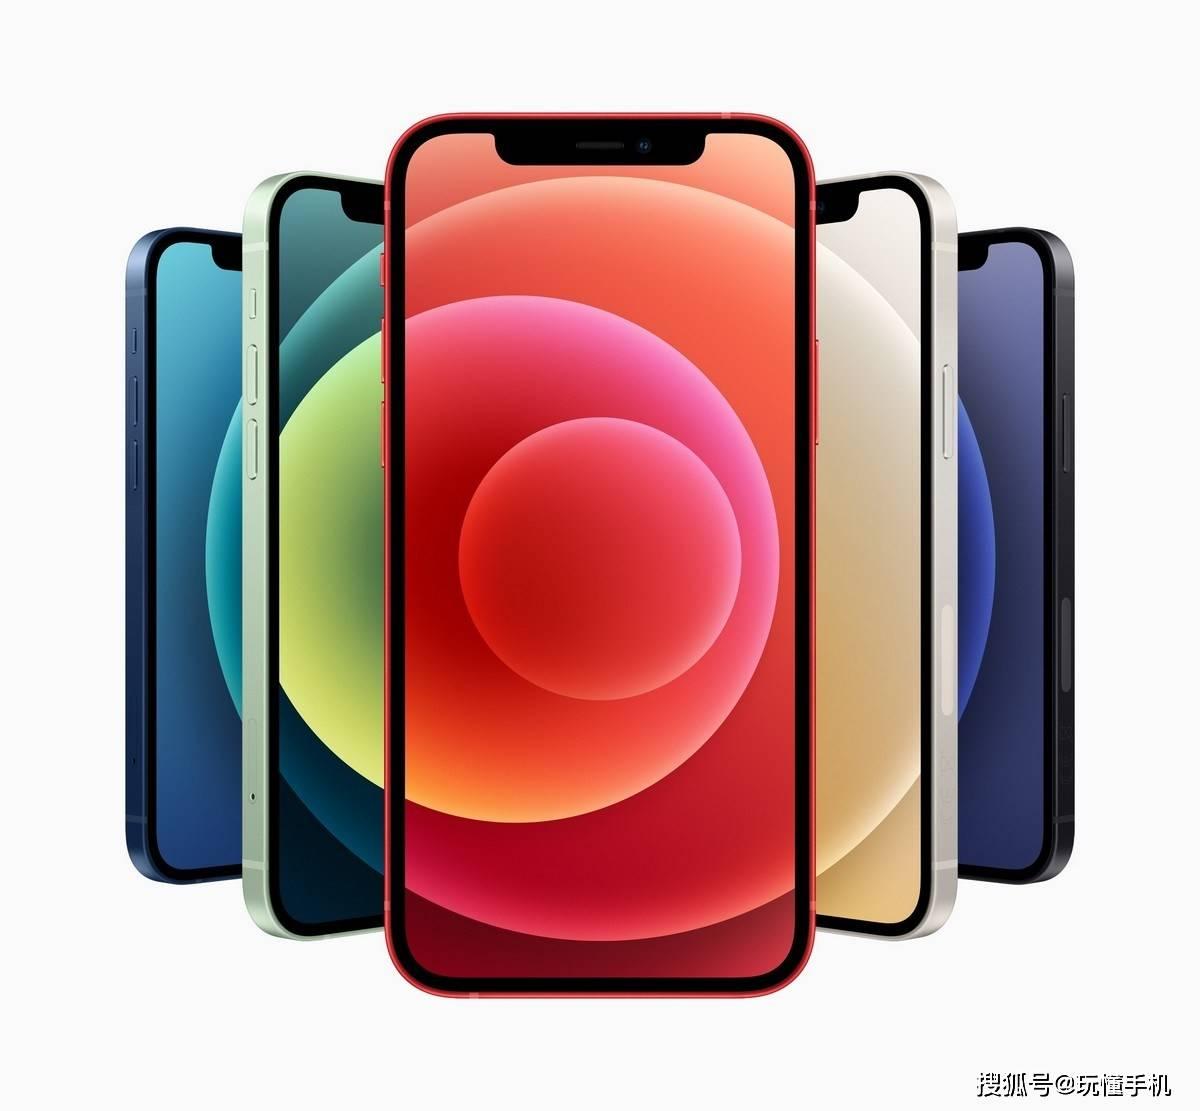 DXOMARK宣布iPhone 12 九州体育appmini相机评分:122分排名14